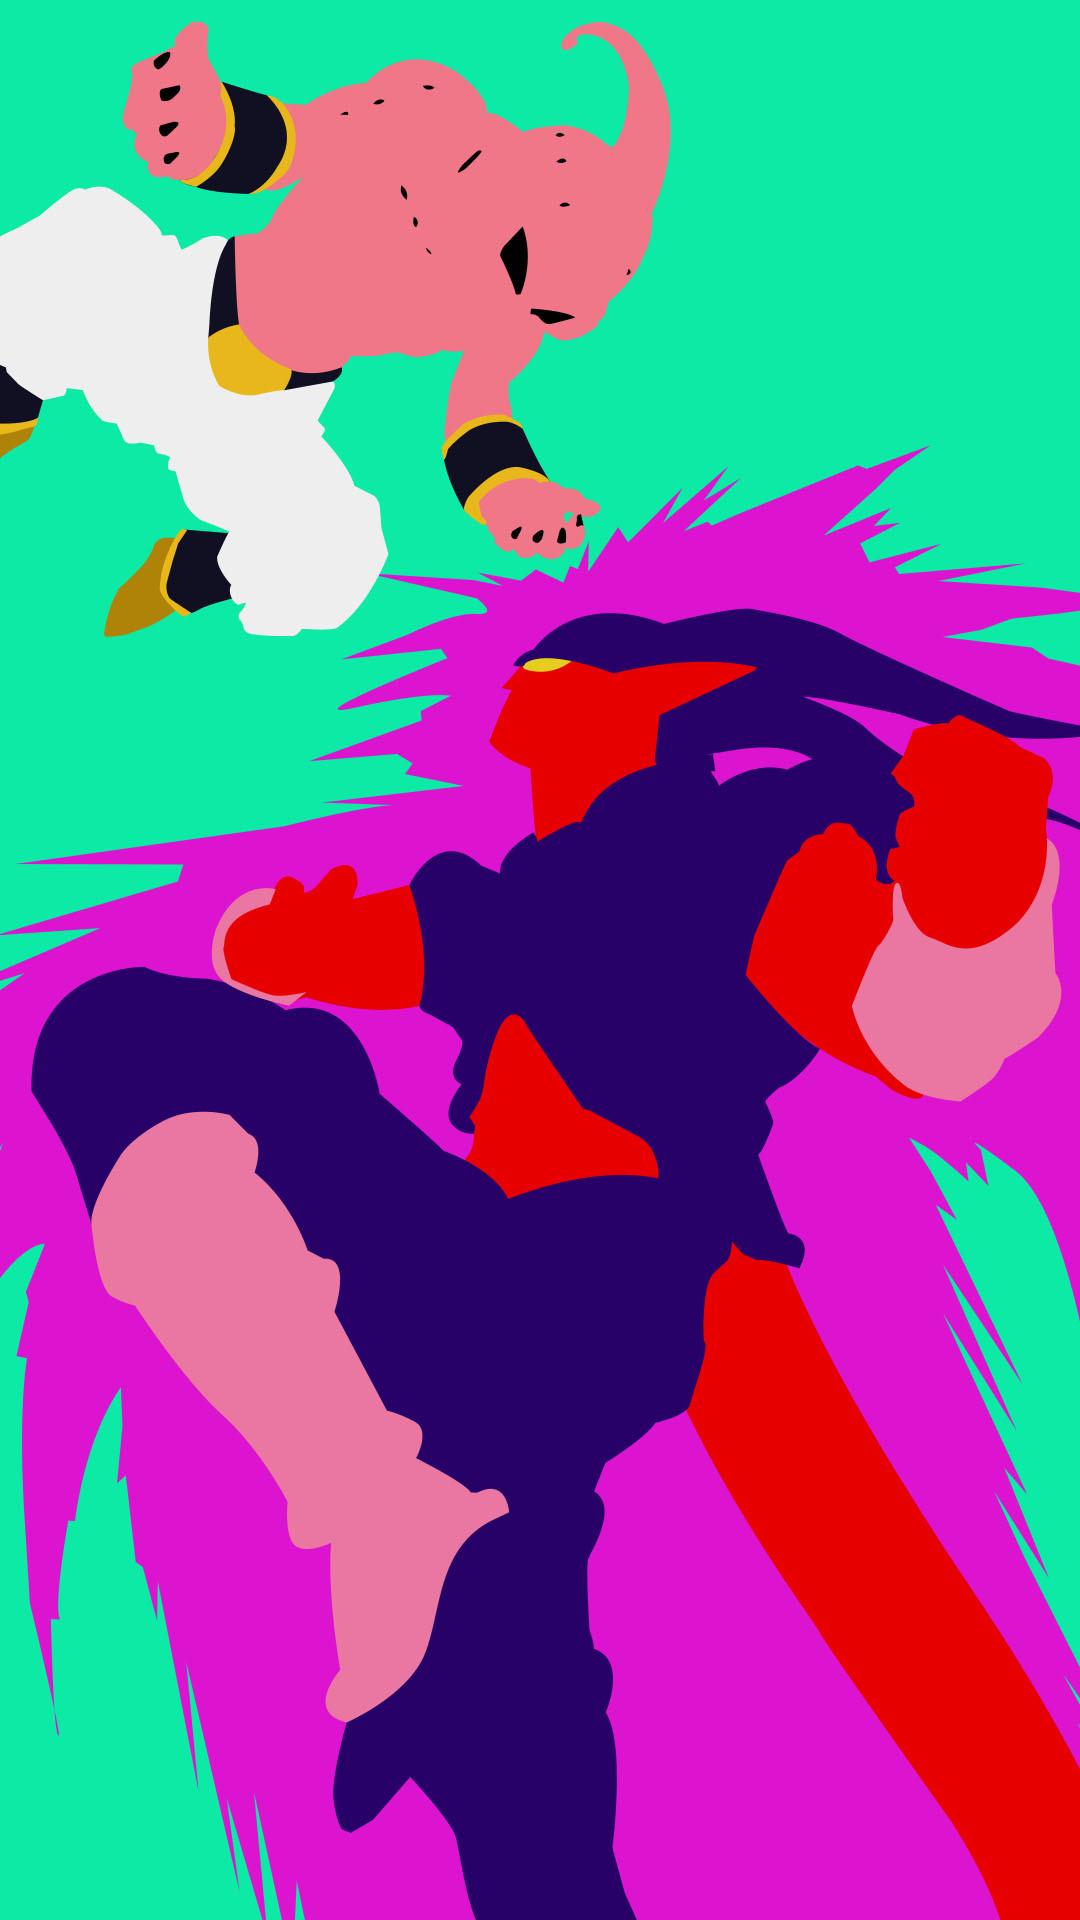 Dragon Ball Wallpaper 3d Hd Super Buu Wallpaper 59 Images